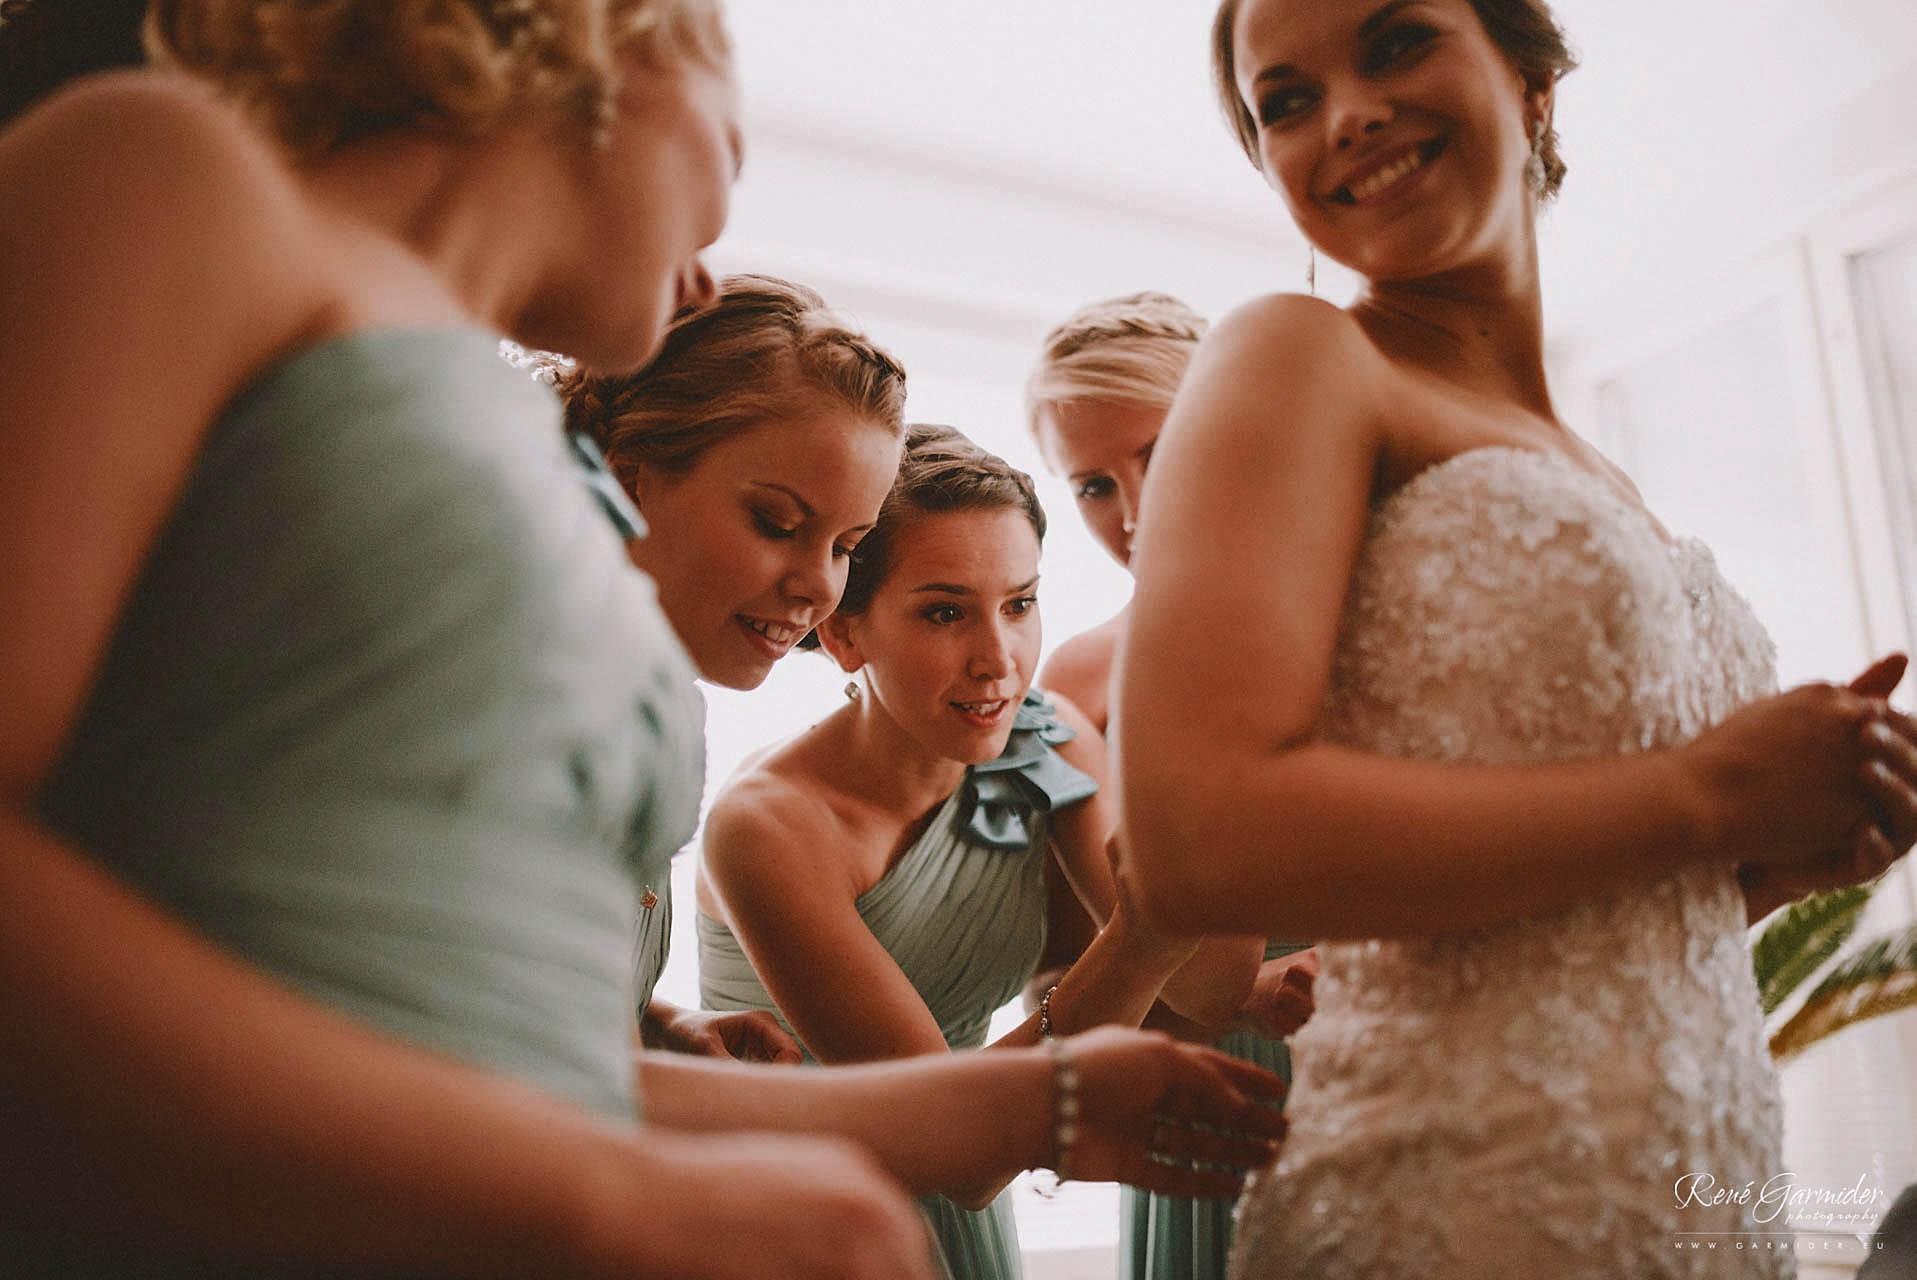 destination-wedding-photography-finland-miljookuvaus-haakuvaus-haakuvaaja-leena-juri-13